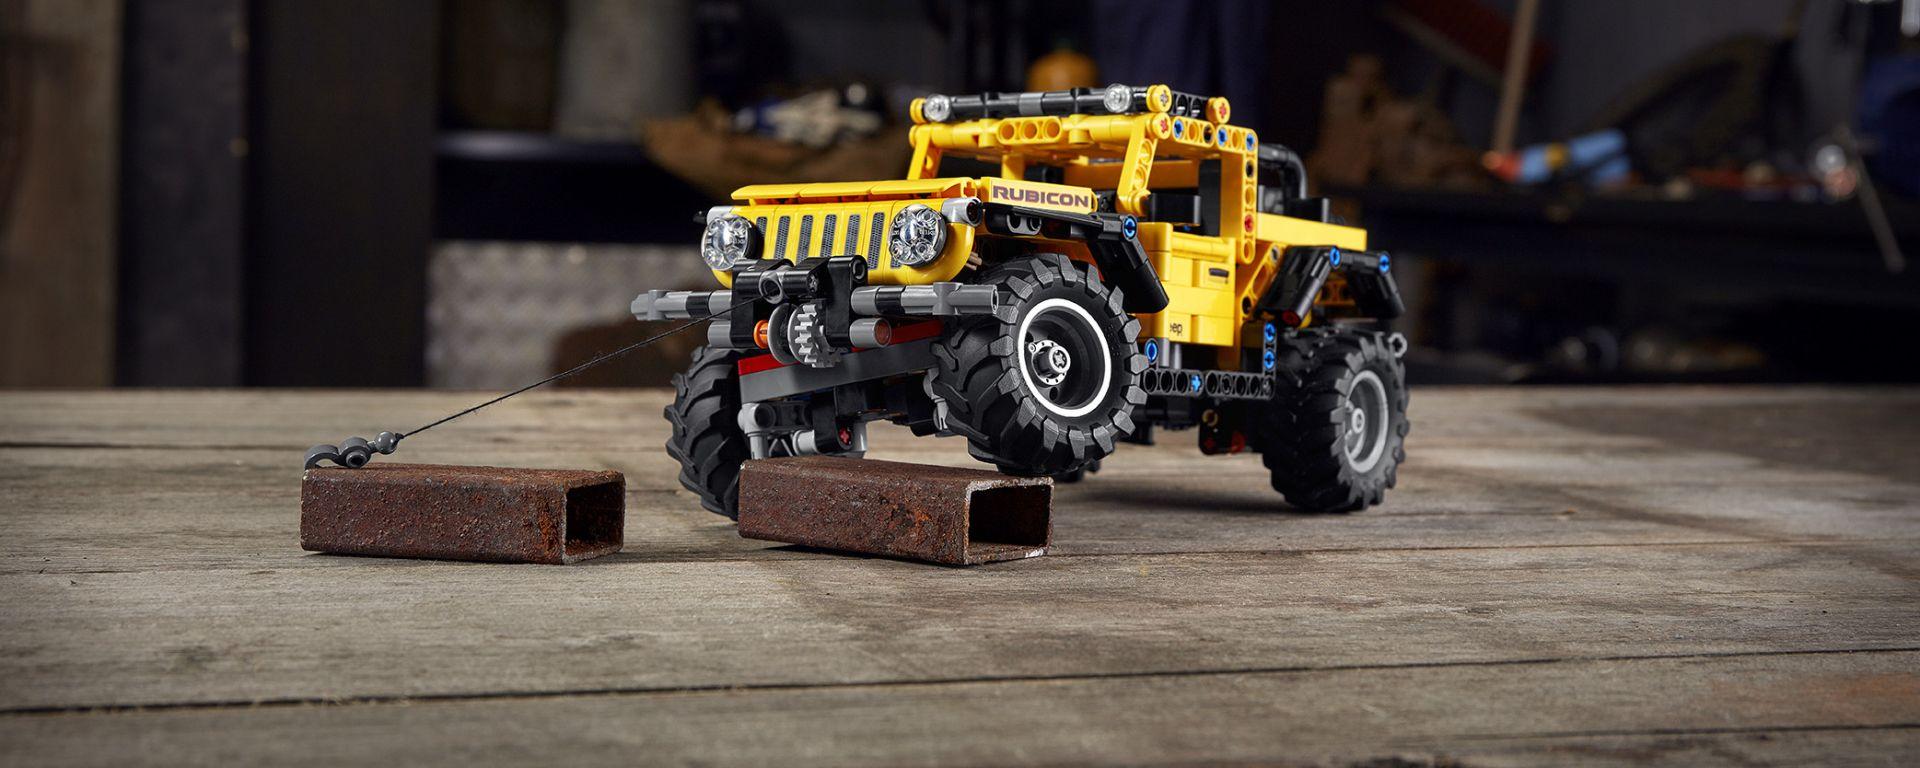 Lego Technic Jeep Wrangler Rubicon, si noti l'escursione delle sospensioni